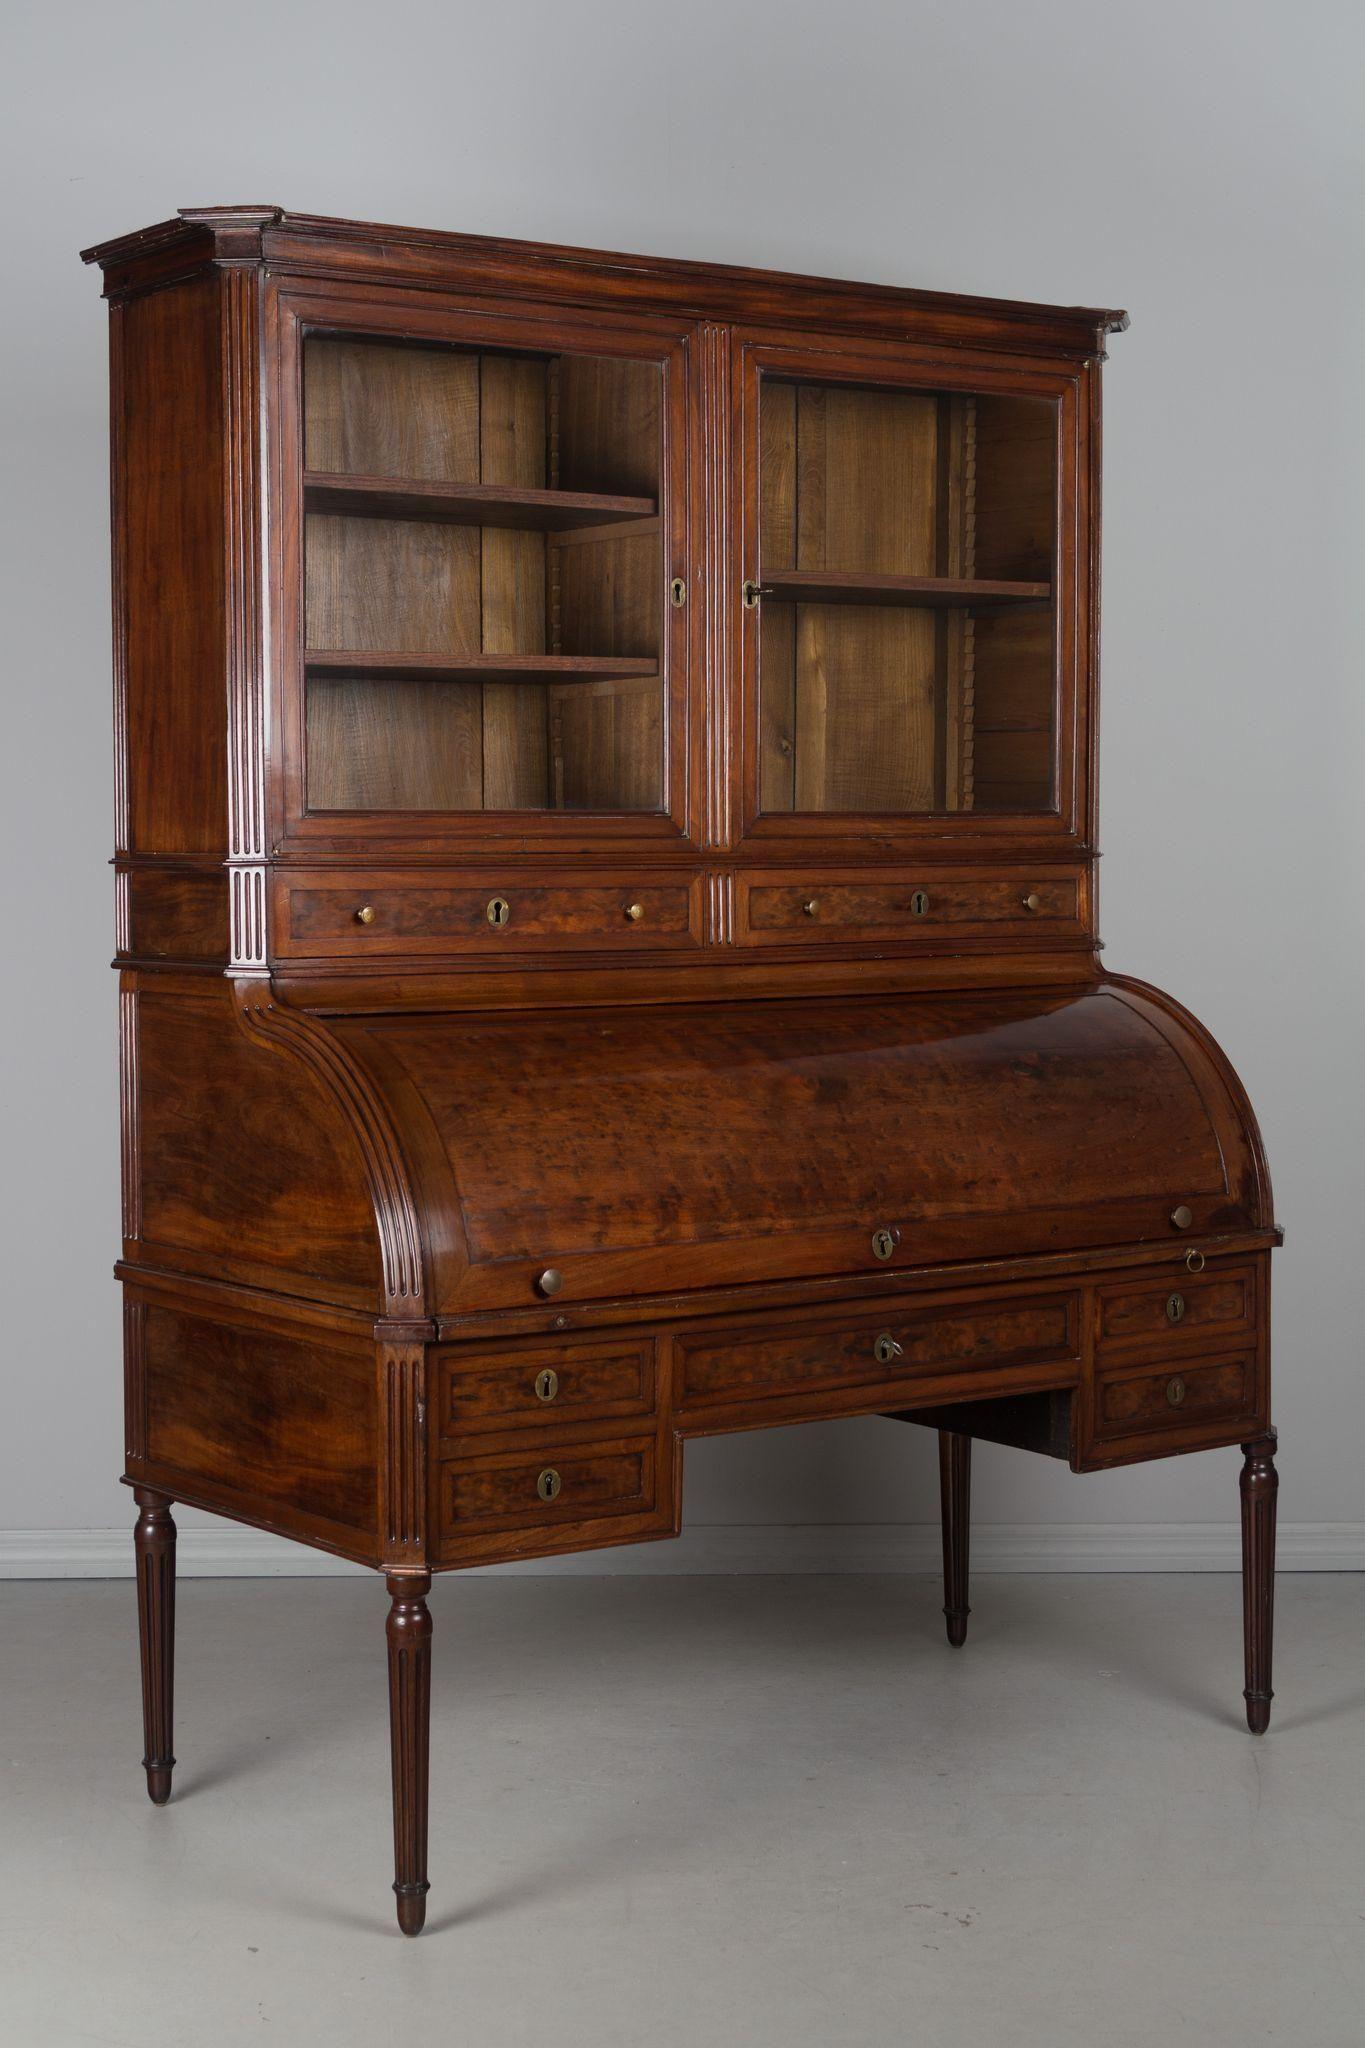 18th C Louis Xvi Bureau A Cyclindre Or Roll Top Desk Roll Top Desk Victorian Furniture Louis Xvi